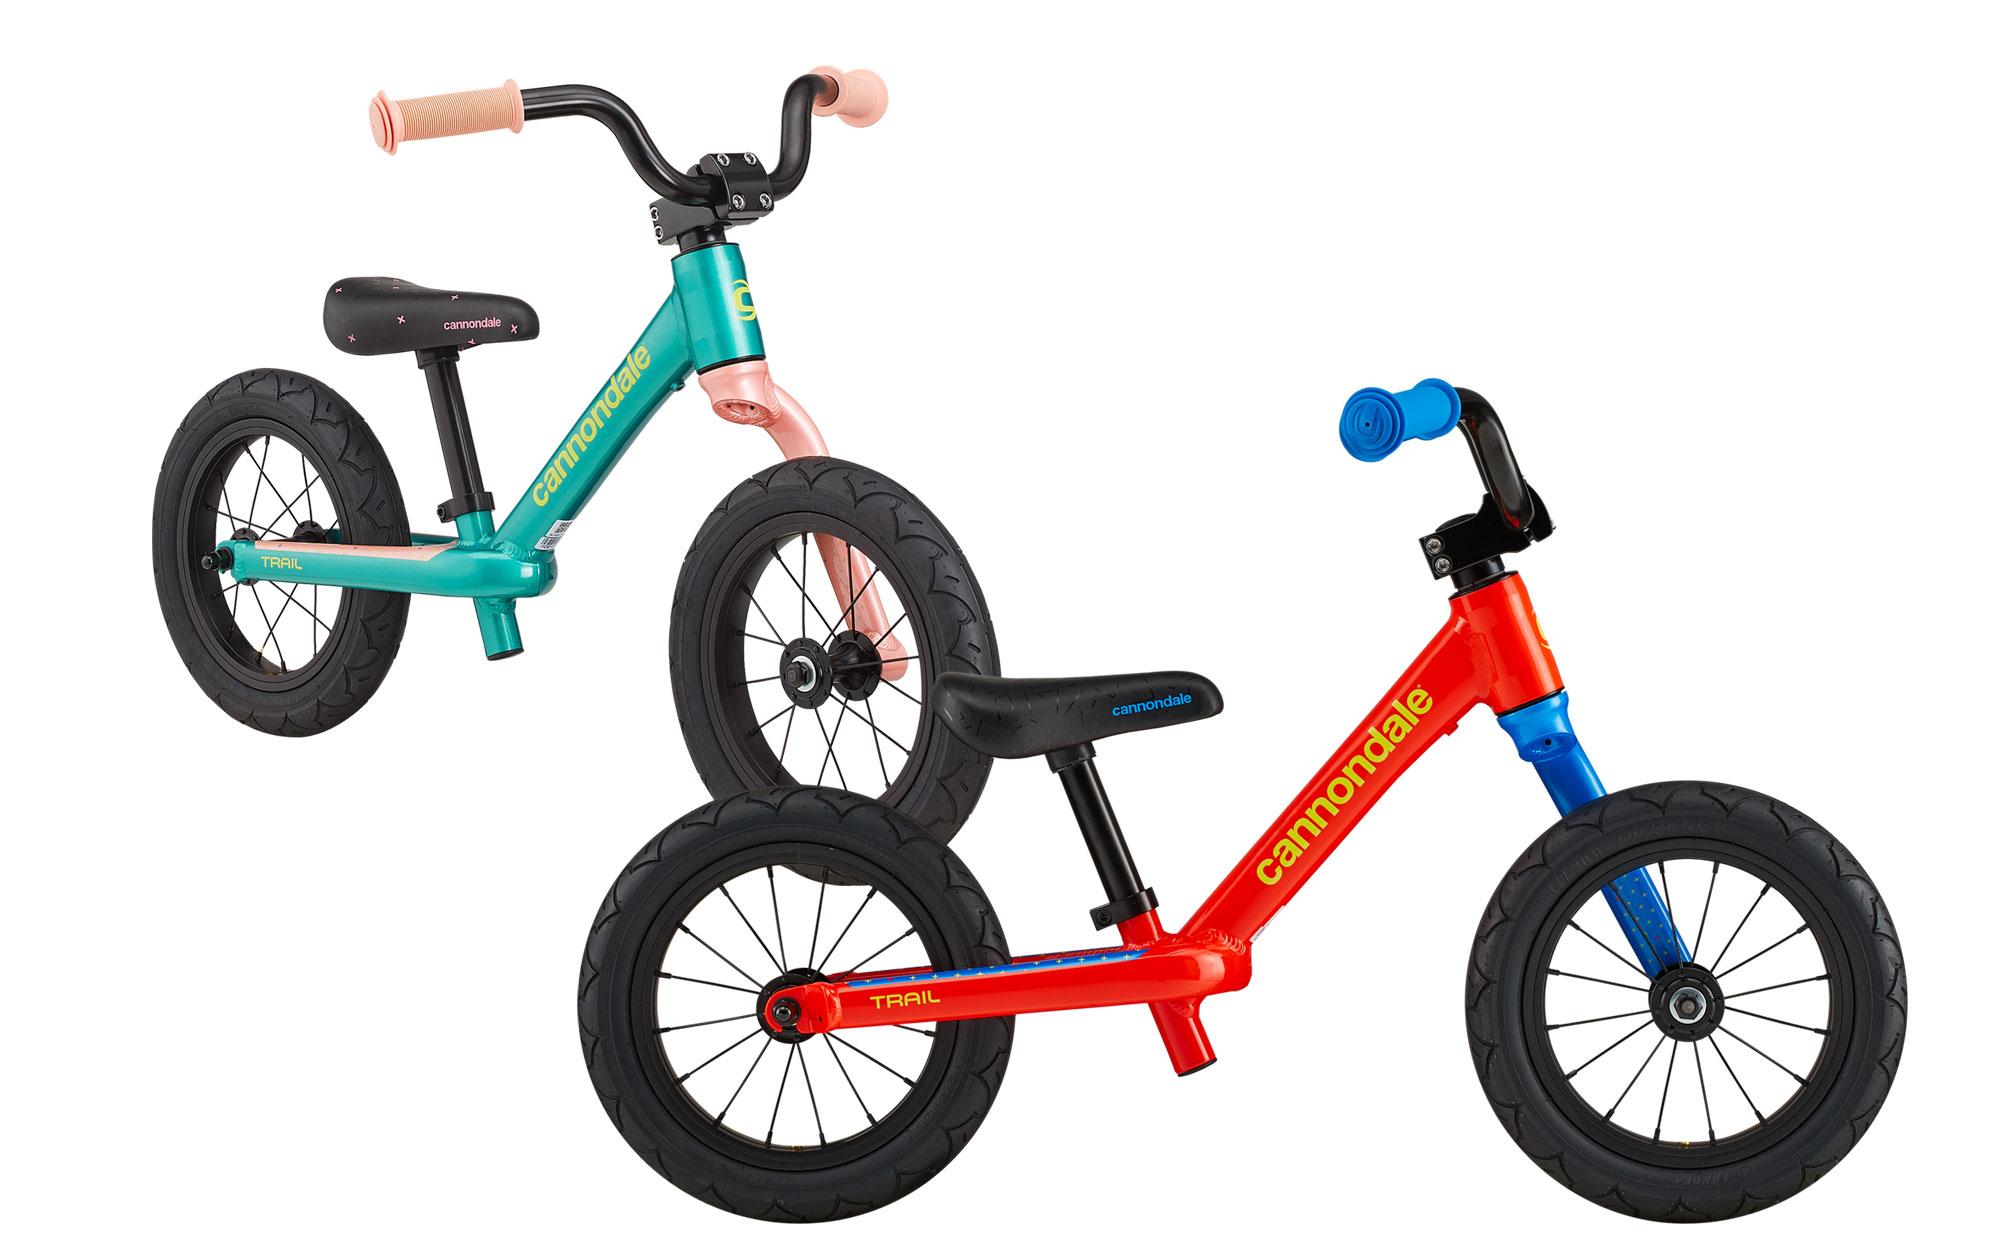 cannondale-kids-bike2.jpg